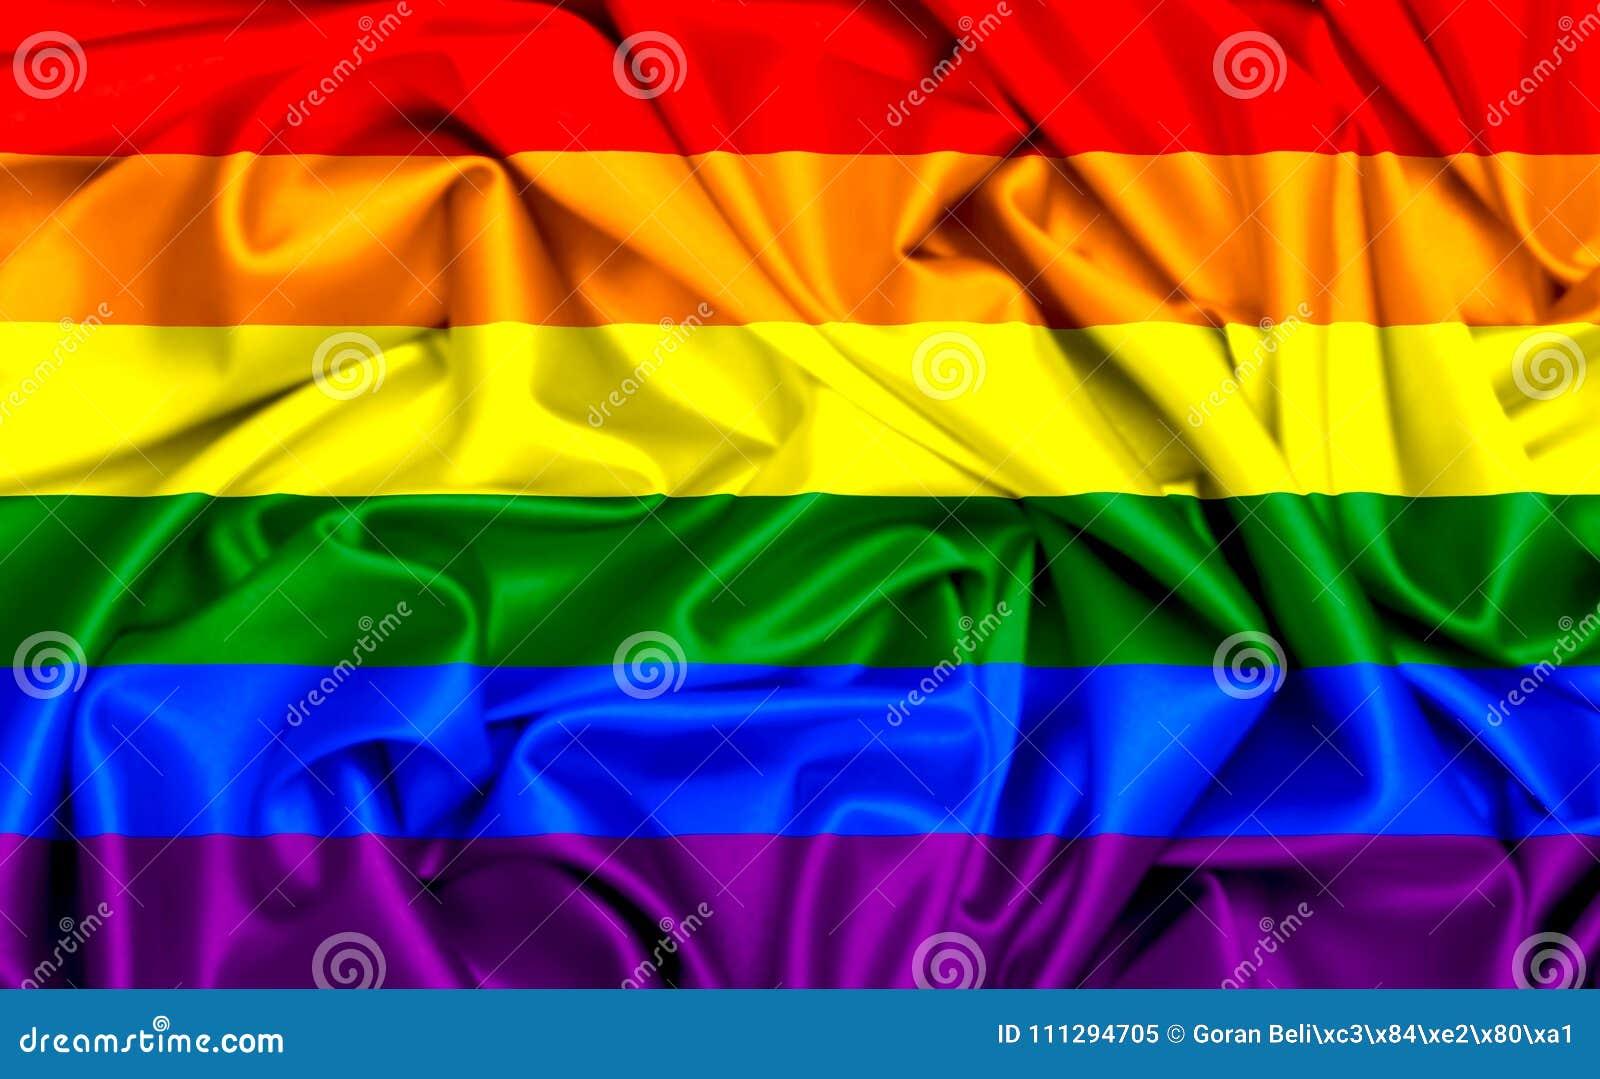 Gay company presidents